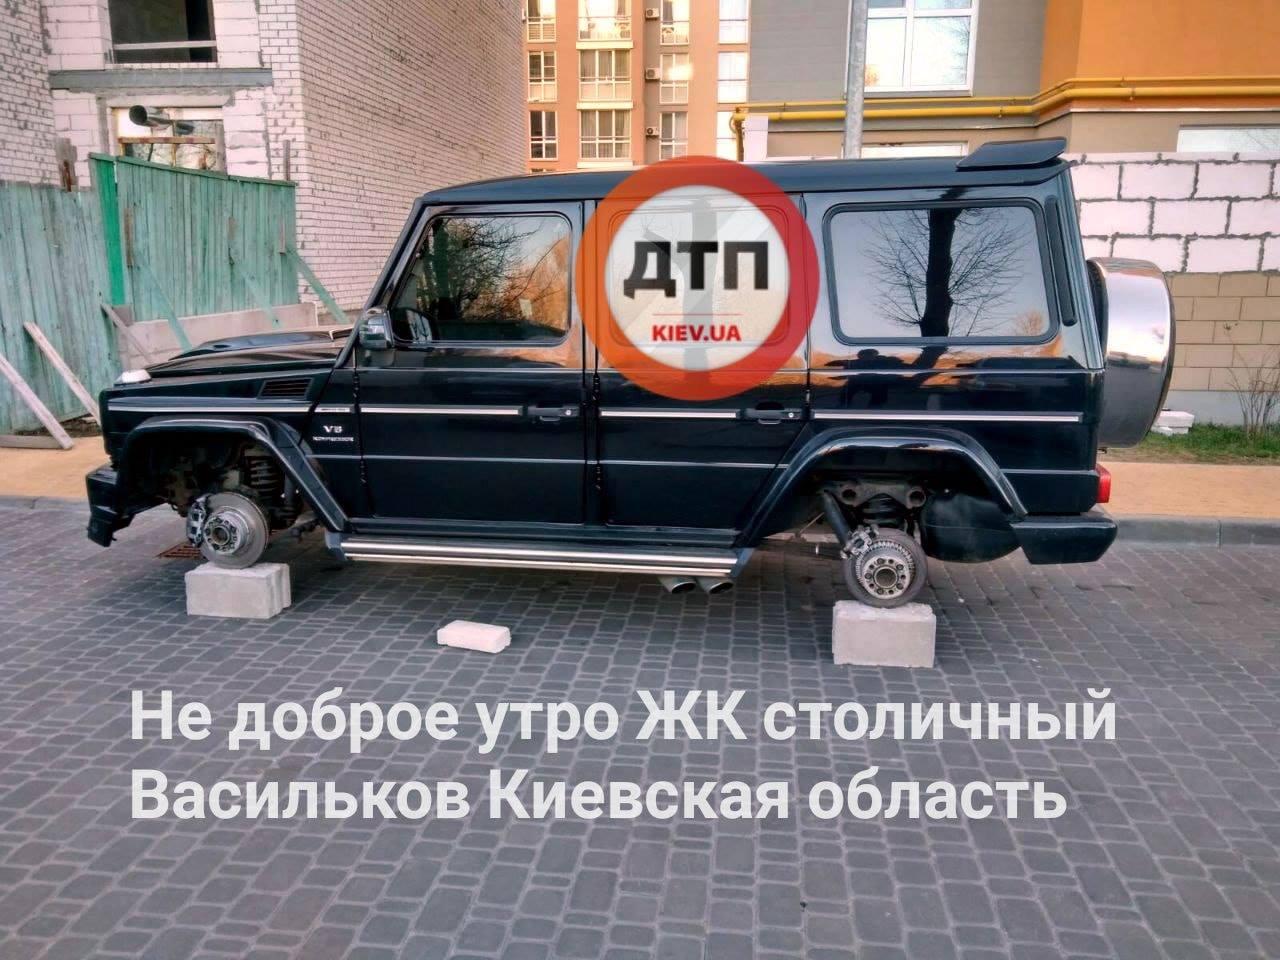 У Василькові у дворі житлового будинку з позашляховика зняли колеса - злочин - 22 vasylkov